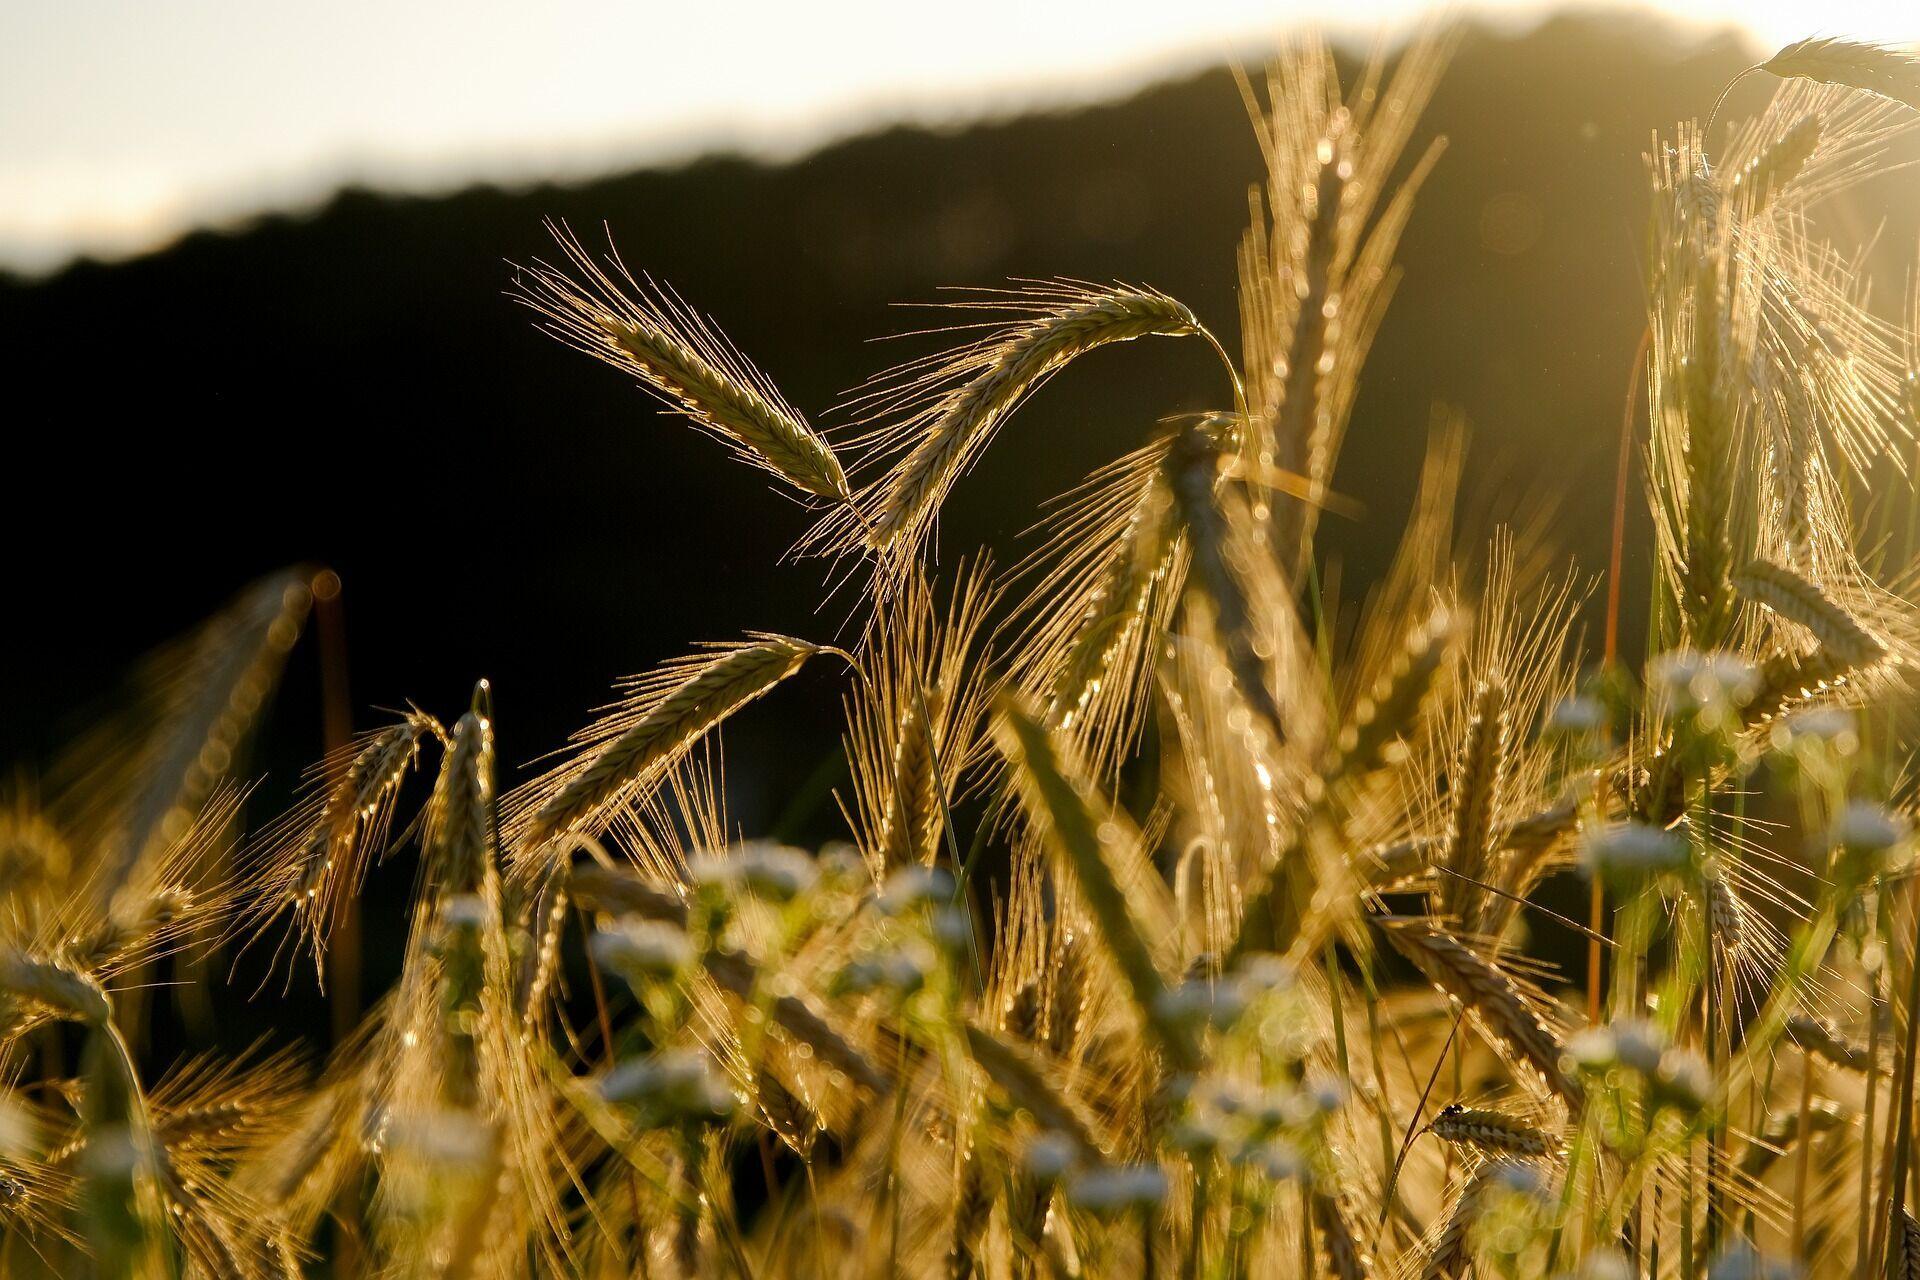 Свято Успіння знаменує завершення збирання врожаю пшениці